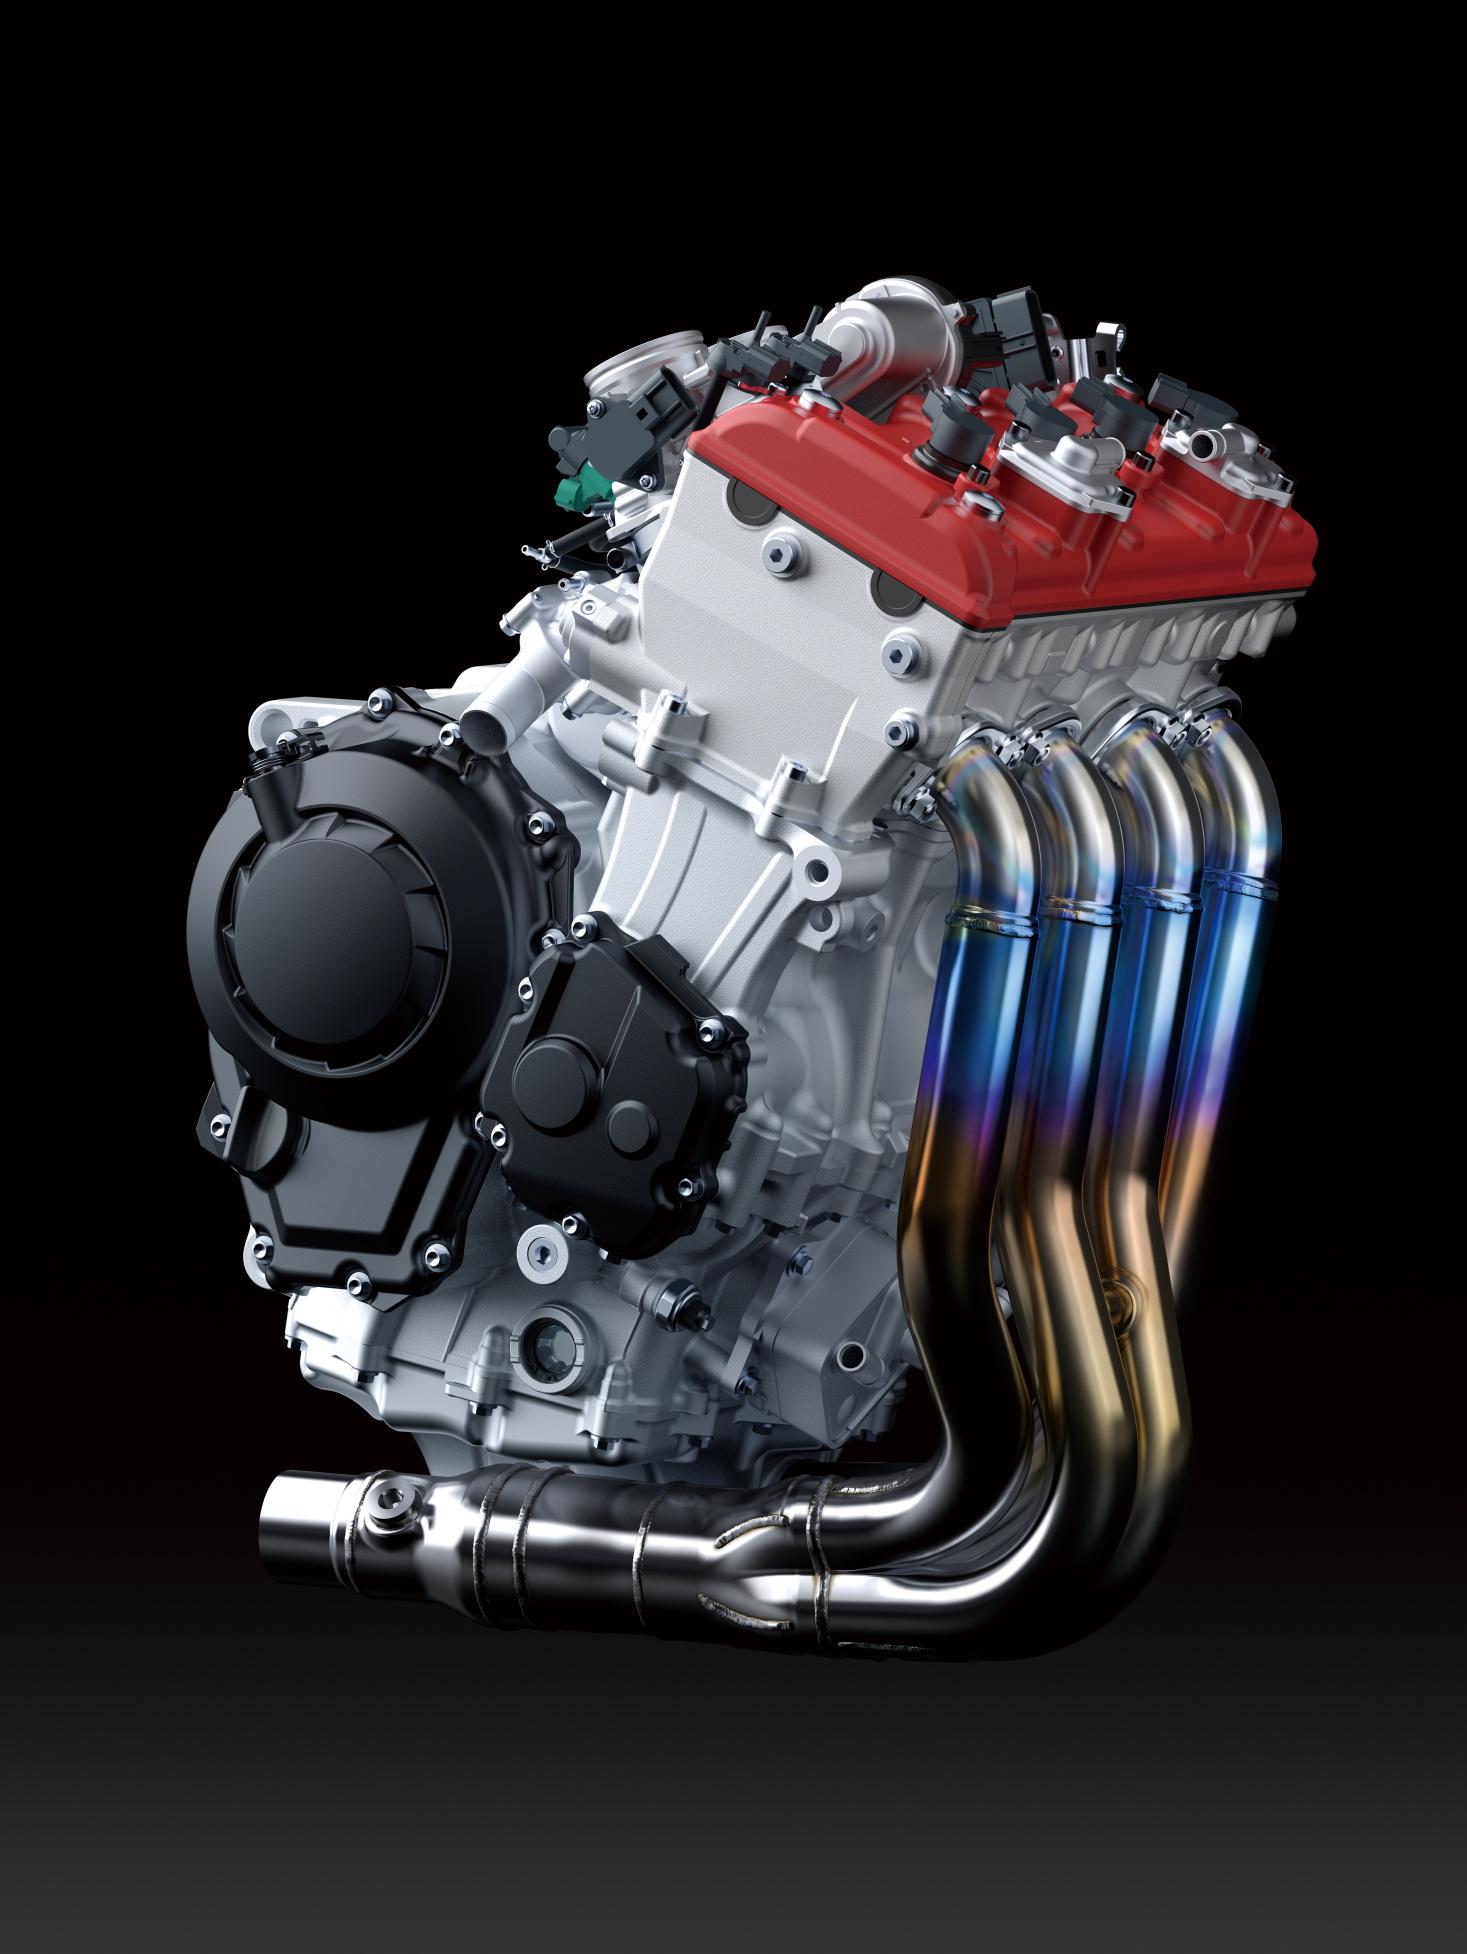 2019 ZX-10R engine